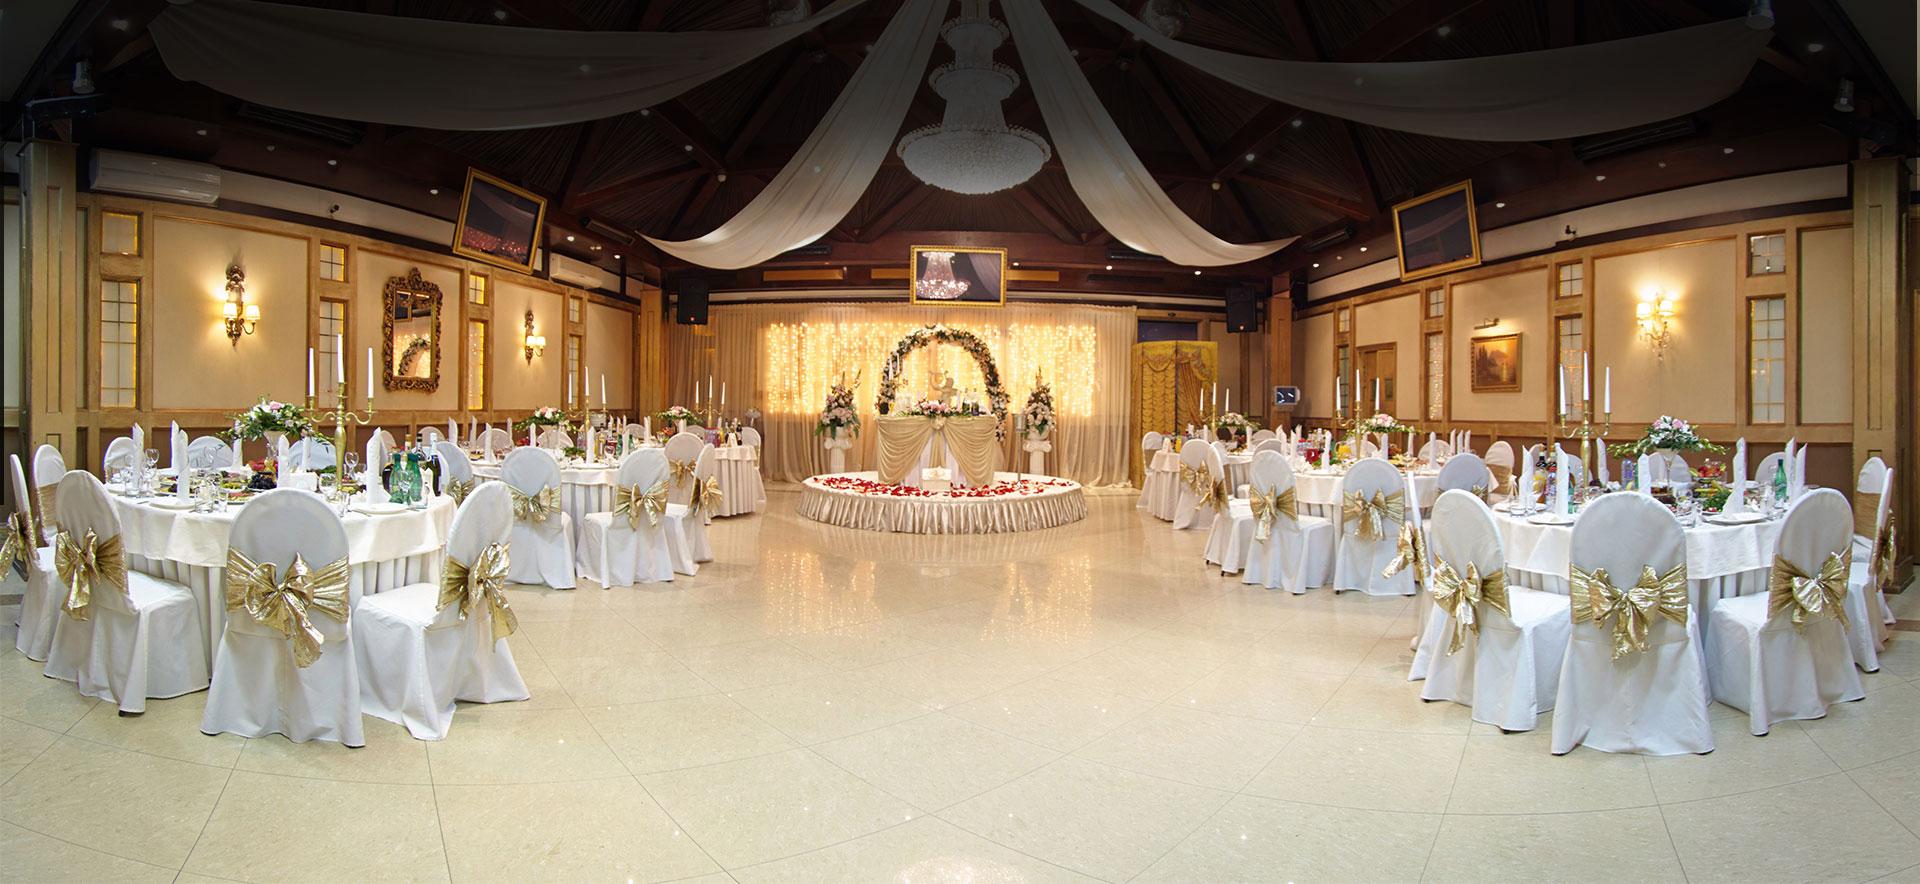 Кафе и банкетные залы для свадеб